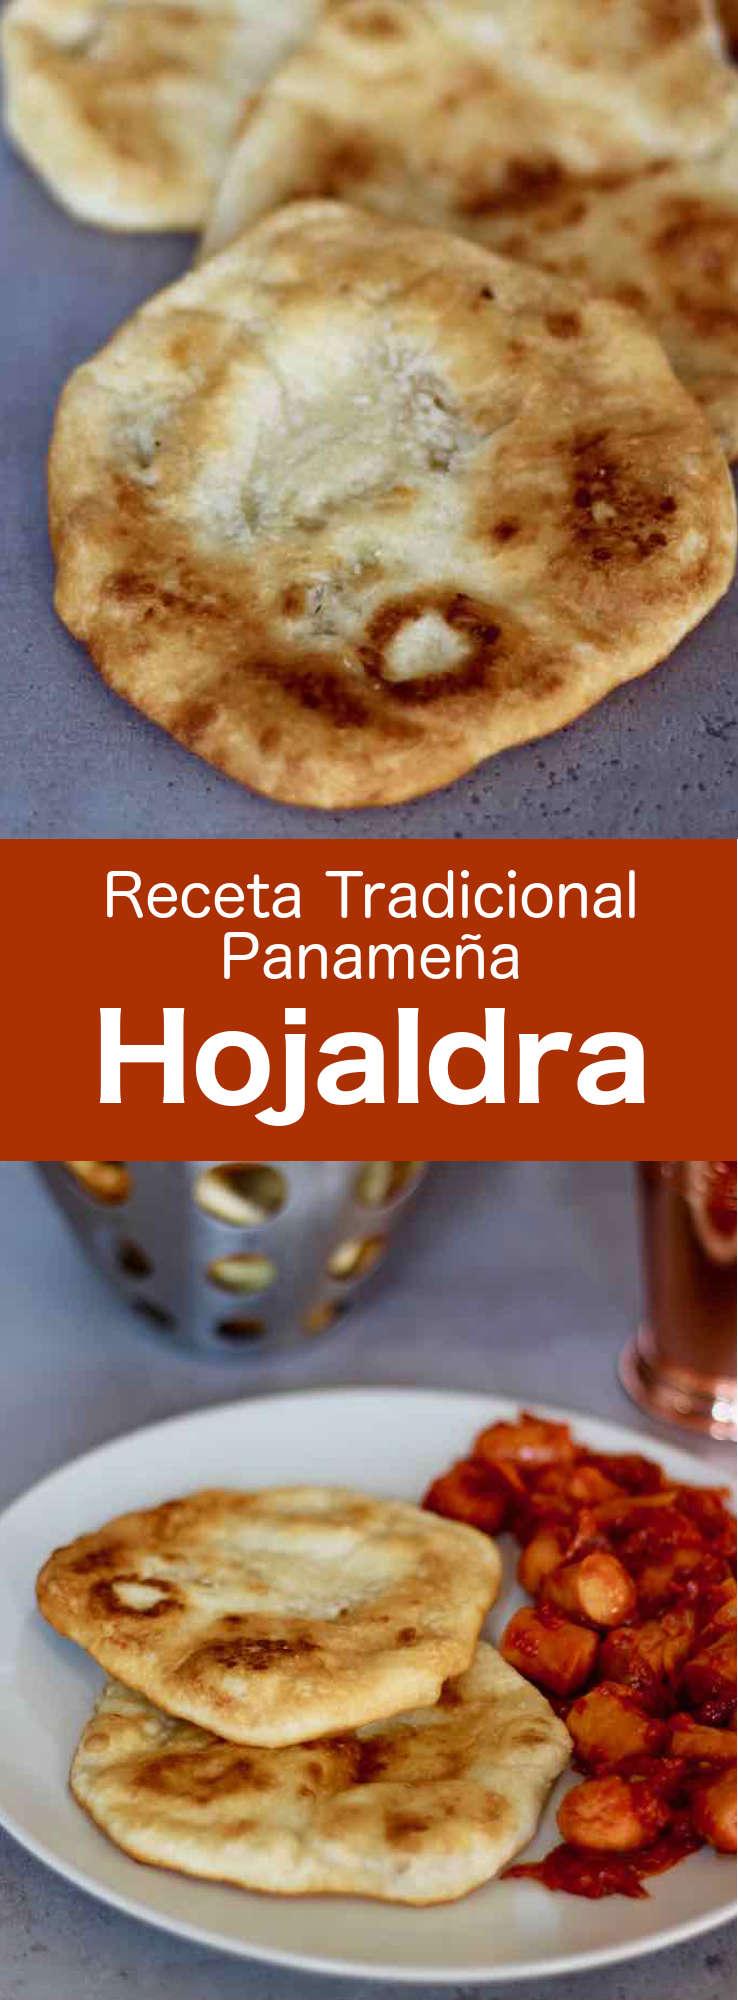 La sopa borracha es un delicioso pastel de ron tradicional de Panamá que se remoja con un jarabe de especias que incluye ron y jerez y que generalmente, se sirve con ciruelas pasas y pasas.